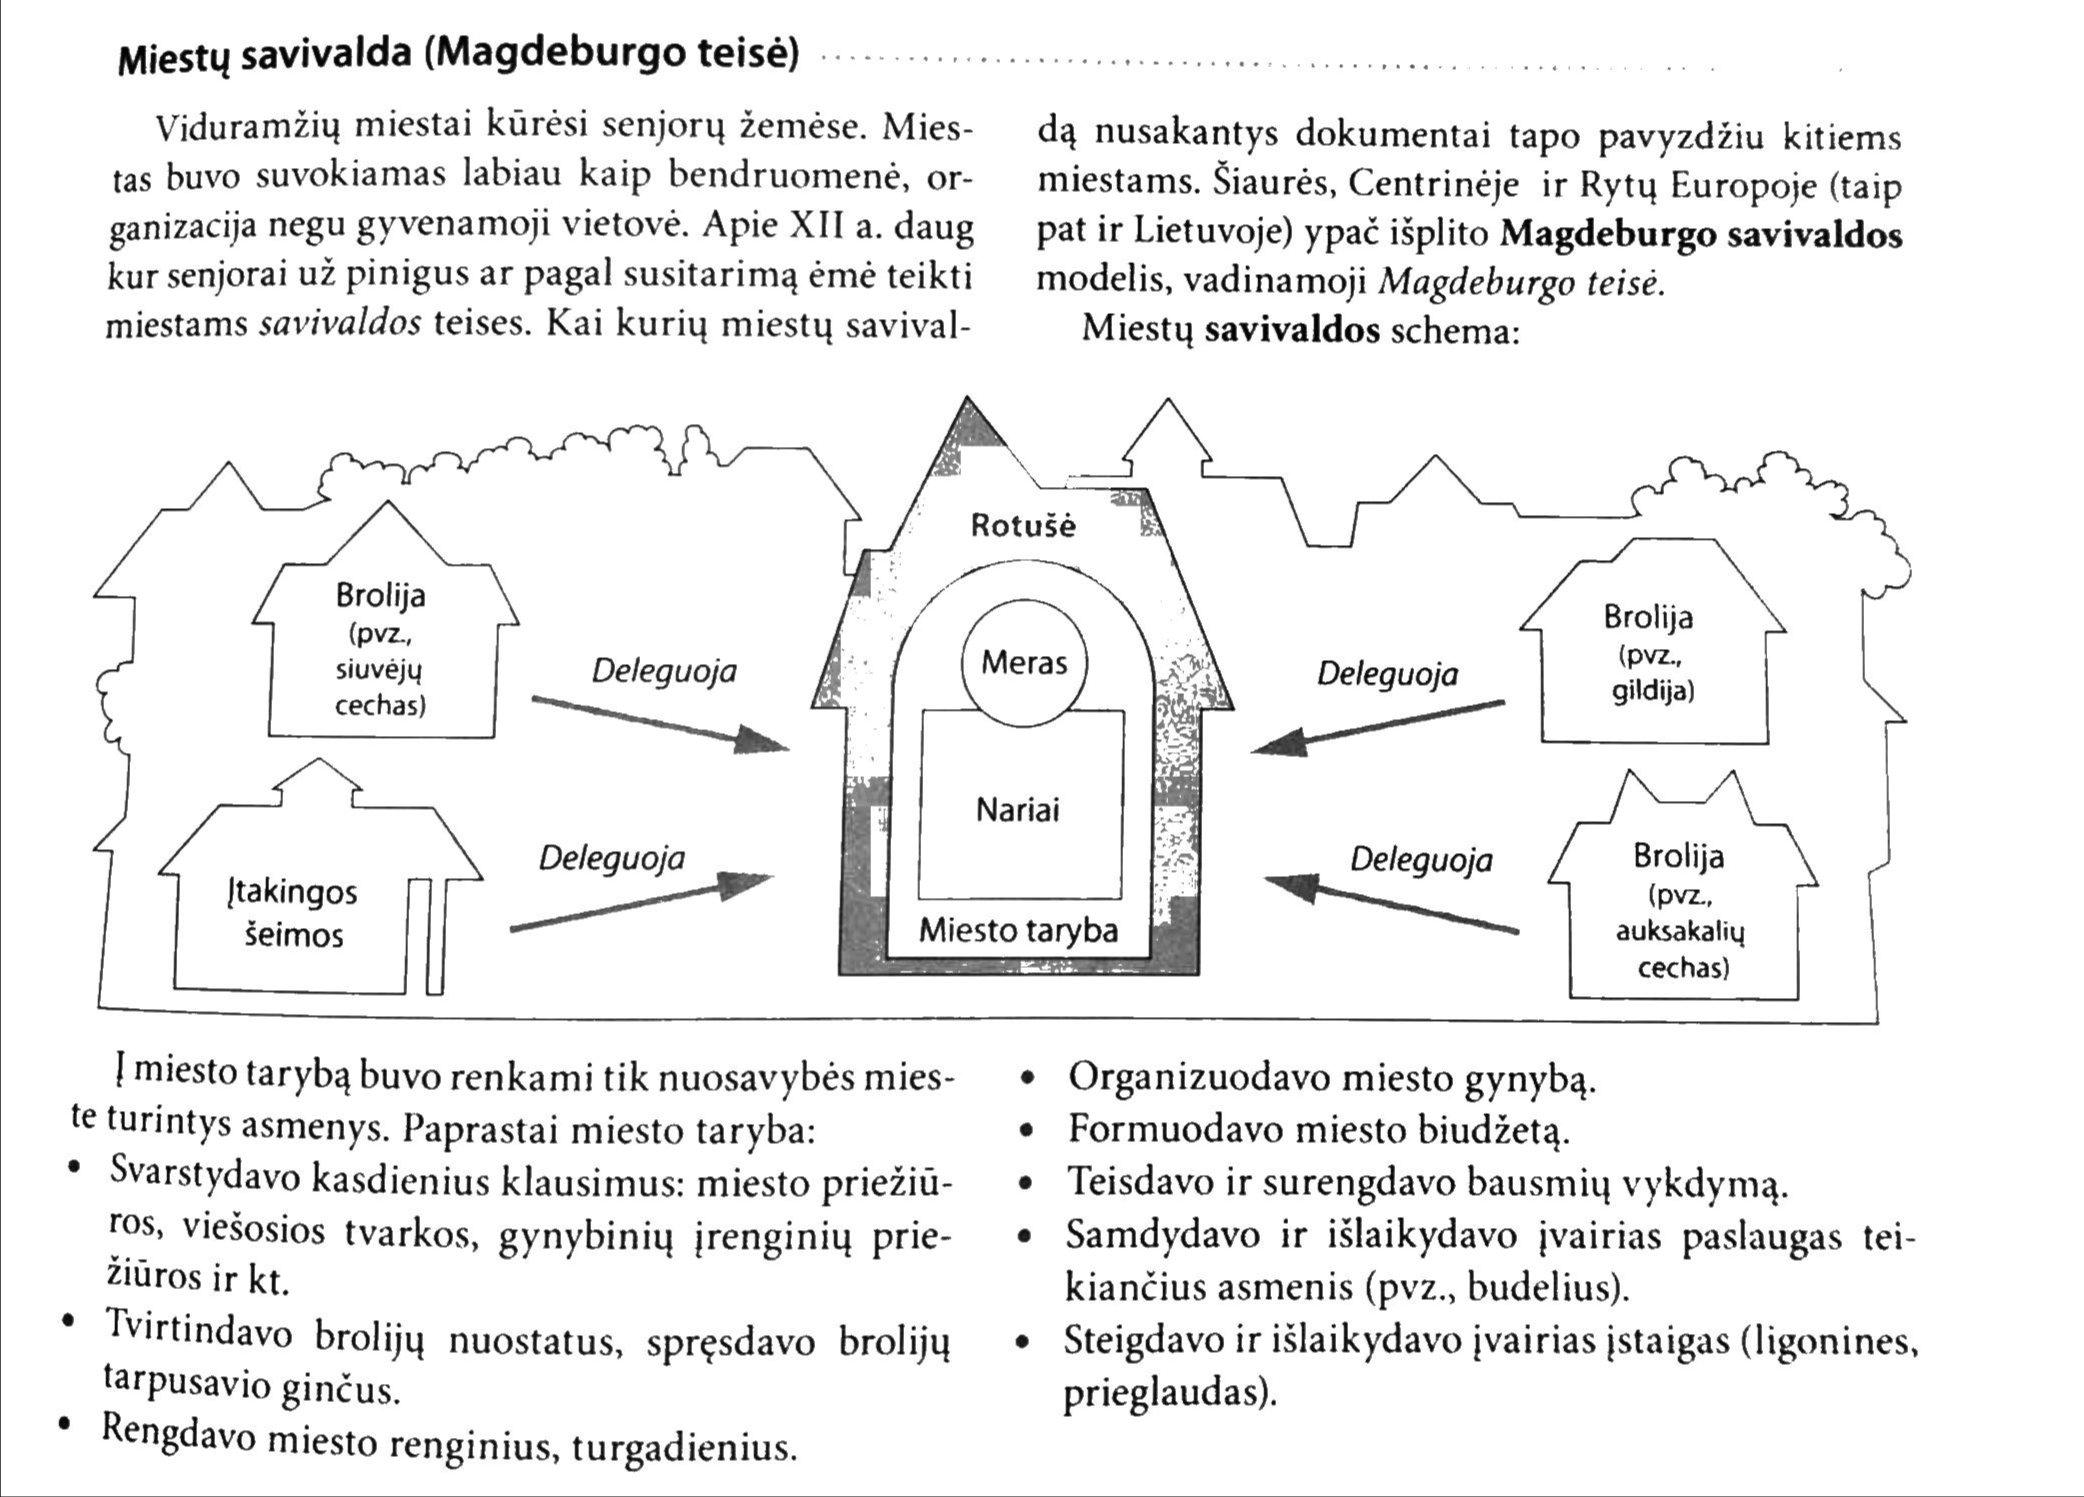 Grafikas, dmeonstruojantis Magdeburgo teisę